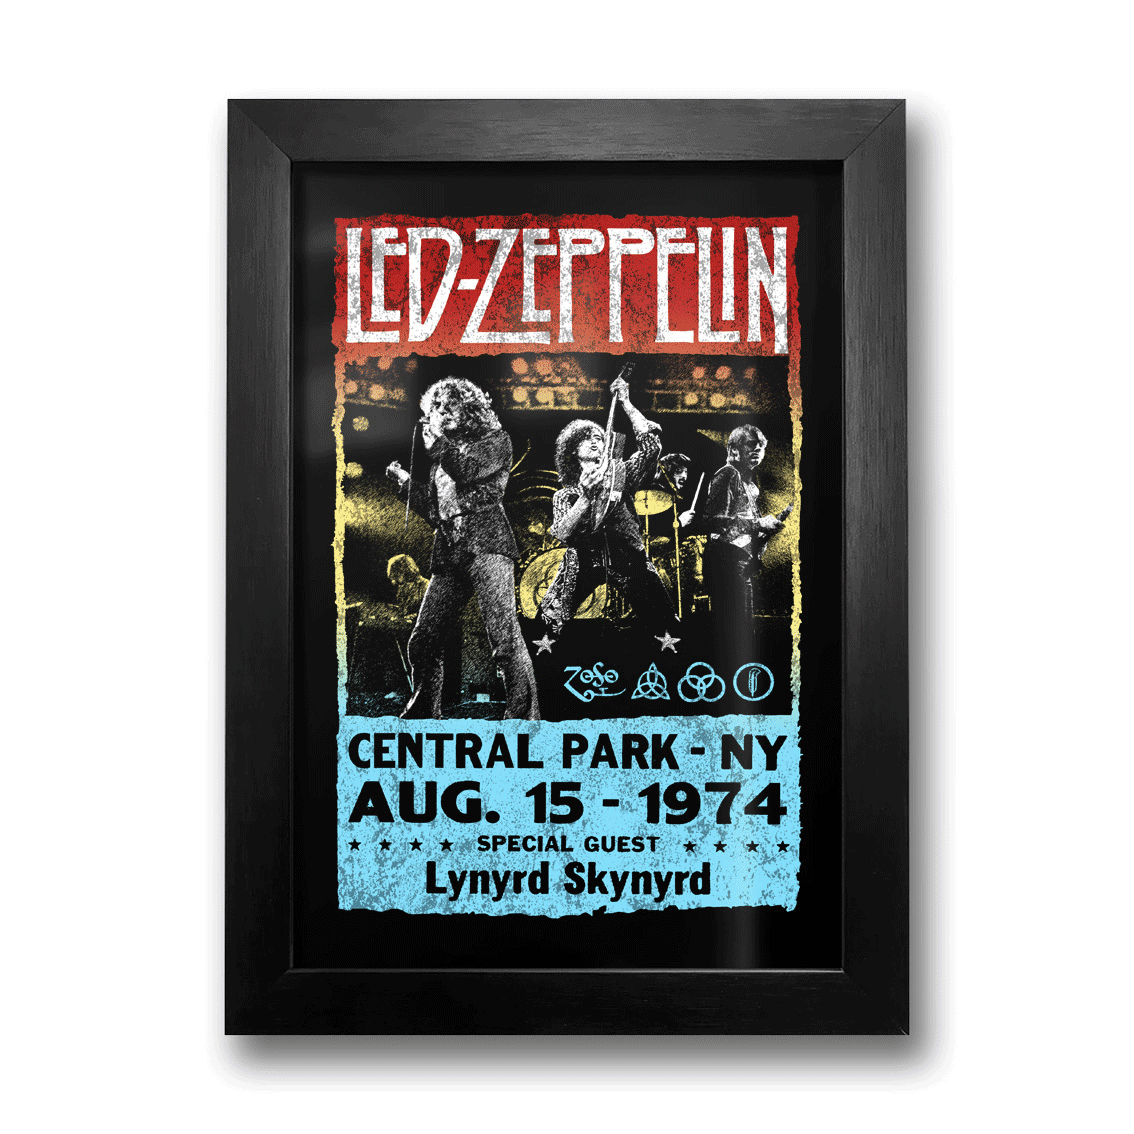 Quadro Led Zeppelin